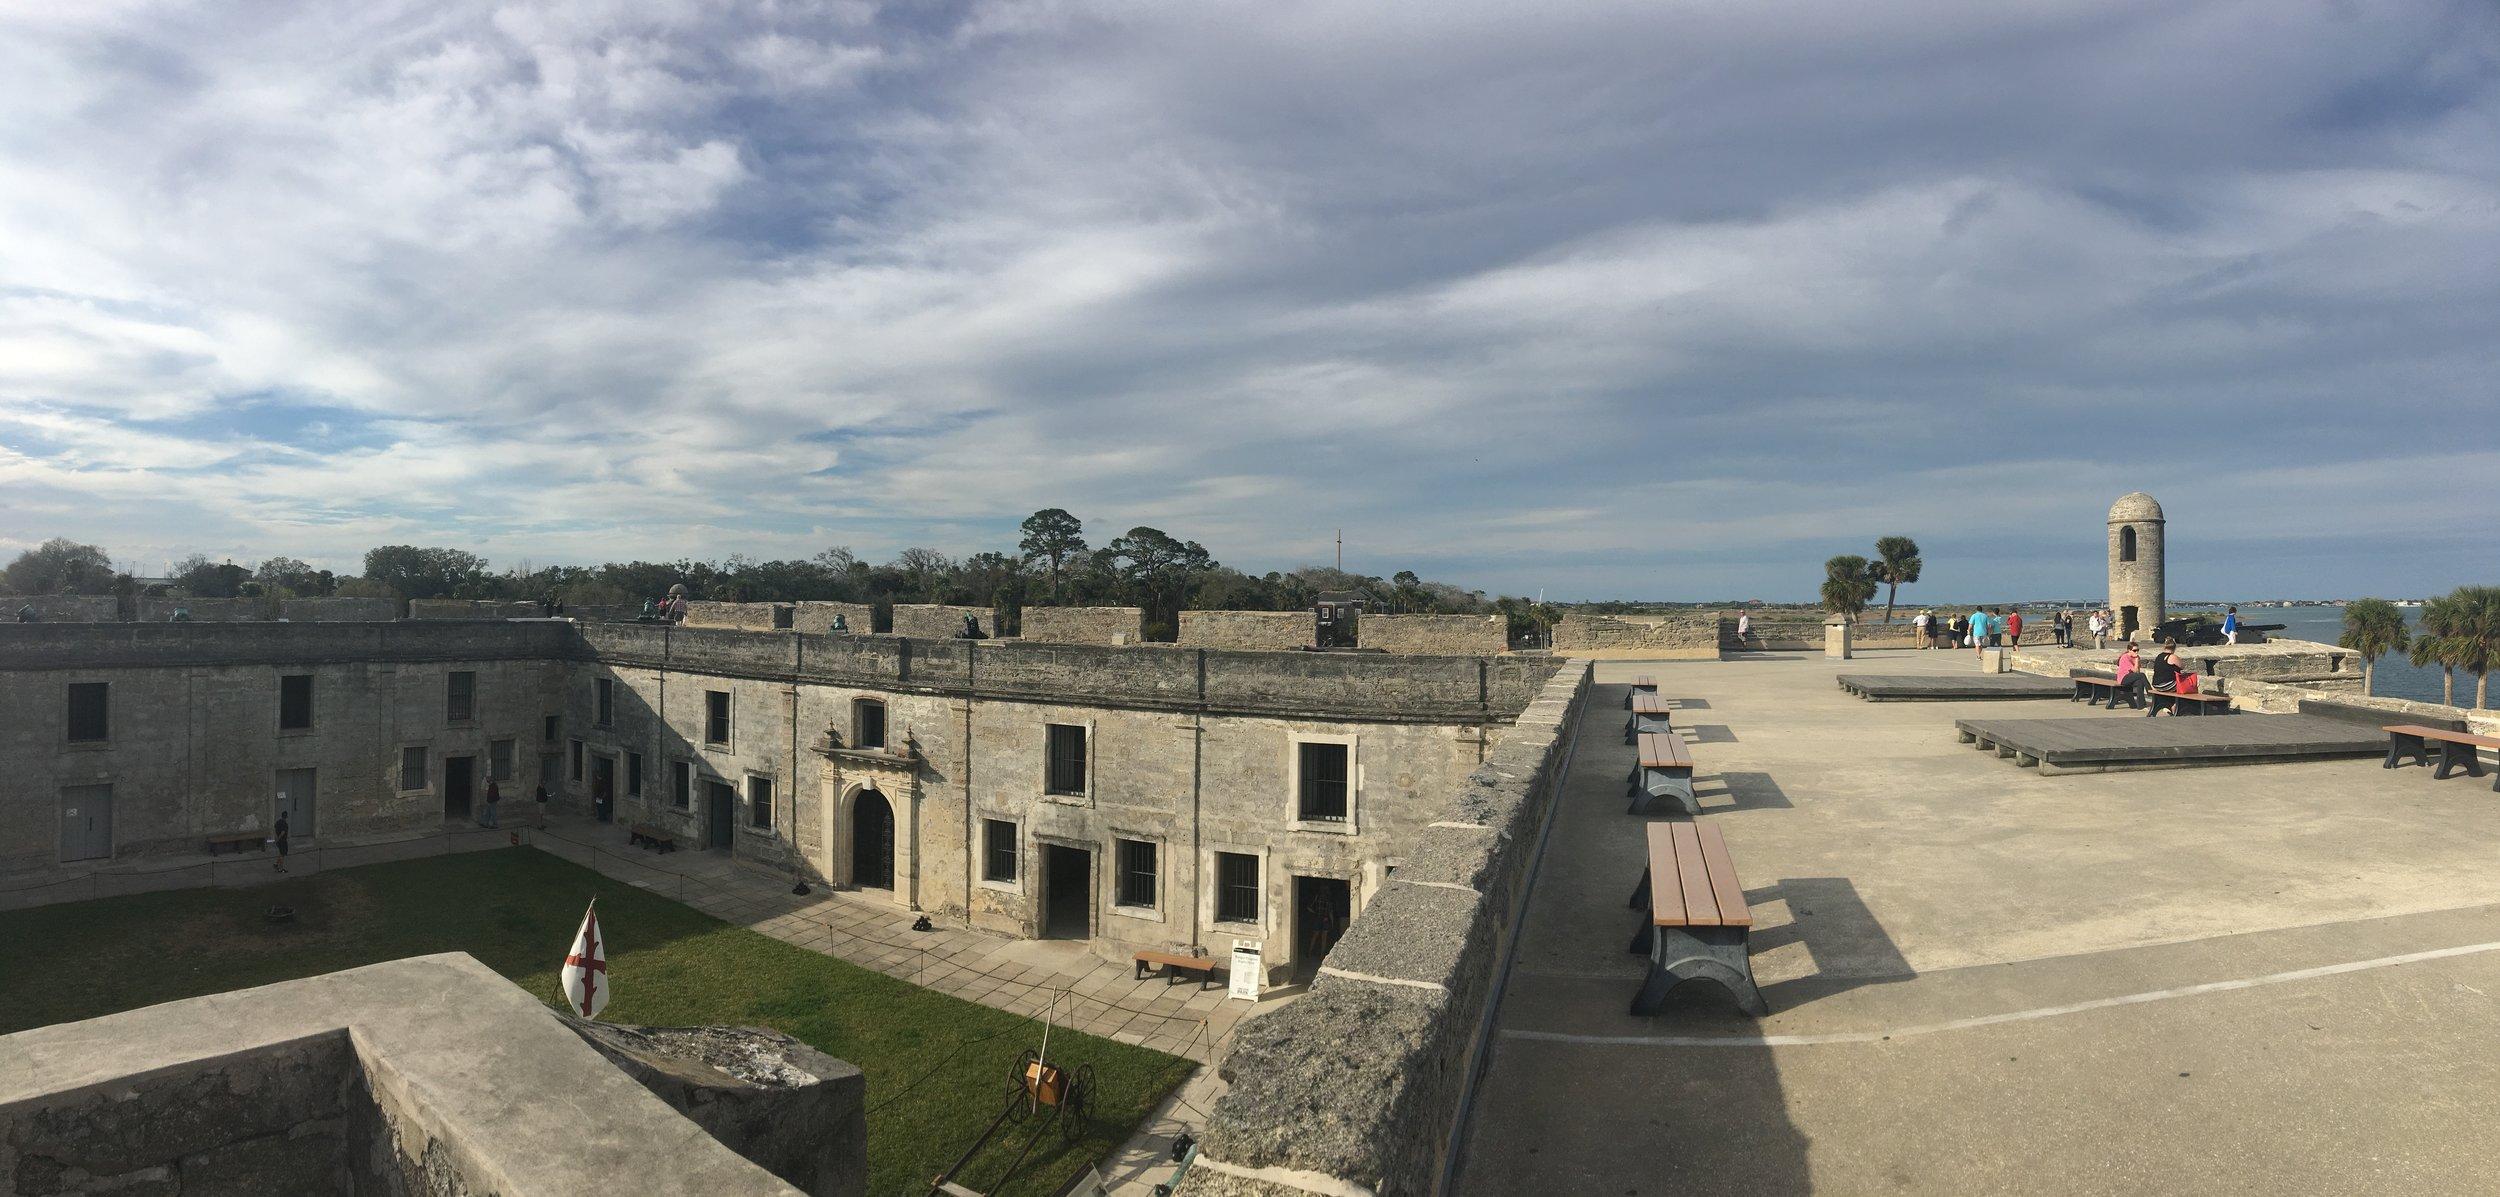 St. Augustine Florida Castillo de San Marcos